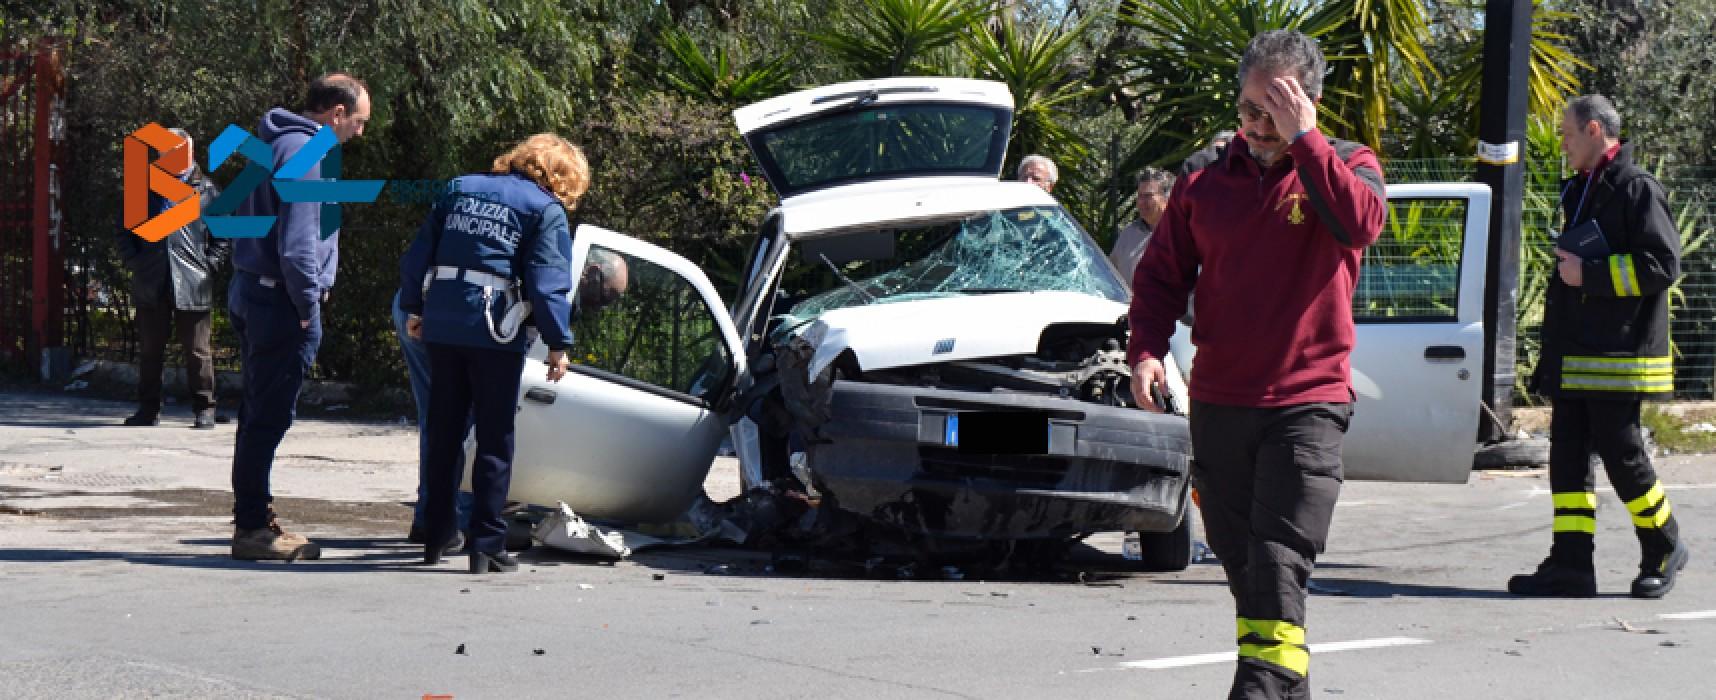 Si schianta su via Imbriani e resta incastrata in auto, donna 69enne al pronto soccorso / FOTO